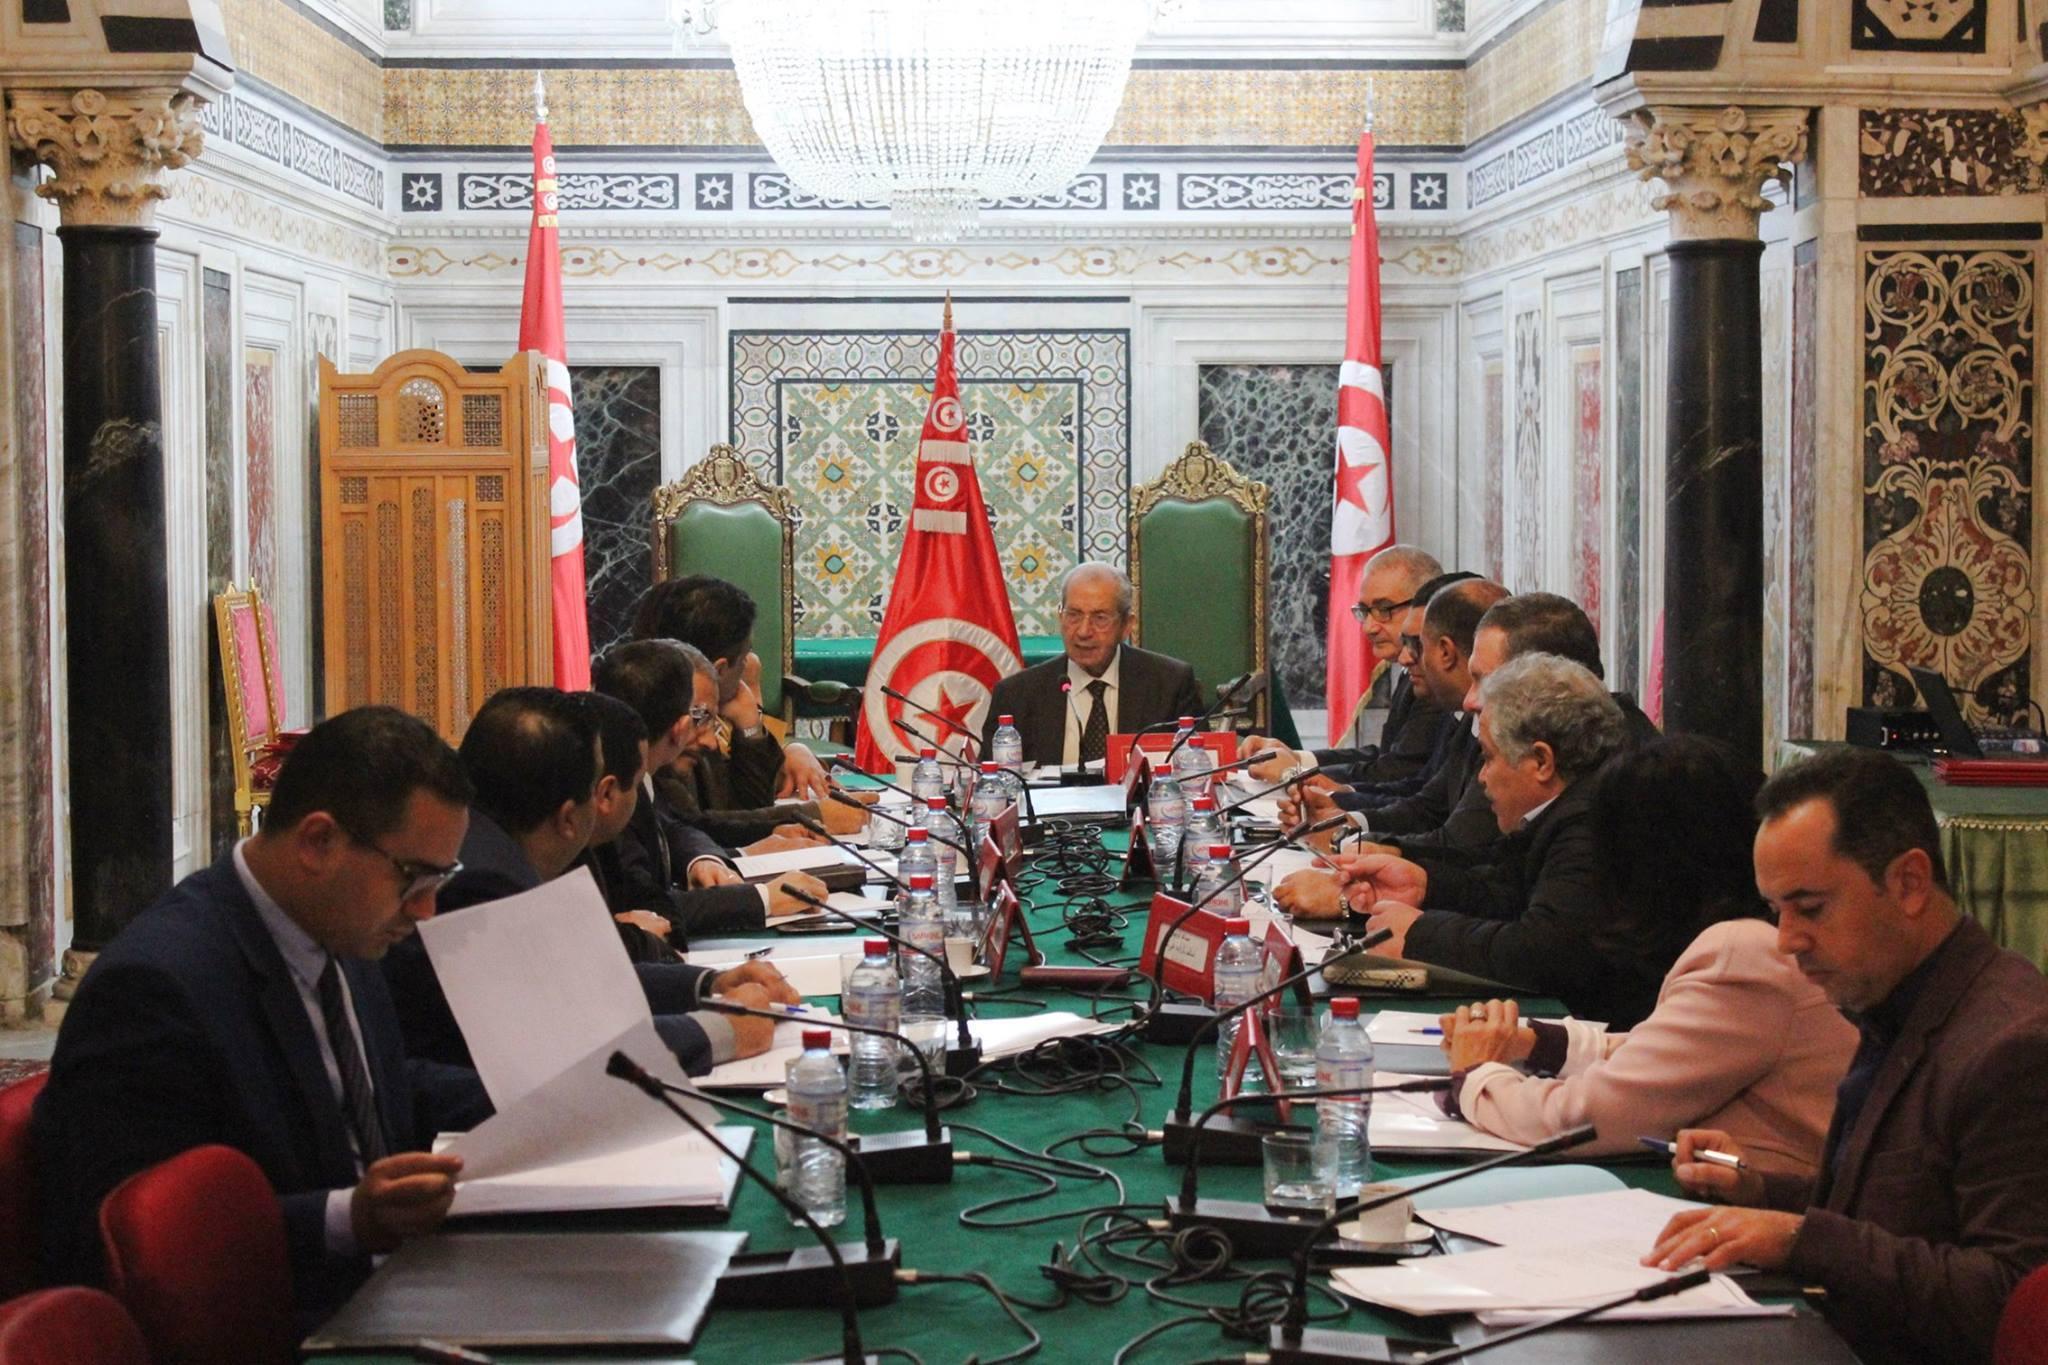 في اجتماع بمحمد الناصر: أعضاء مكتب المجلس يثيرون تغوّل الادارة عليهم